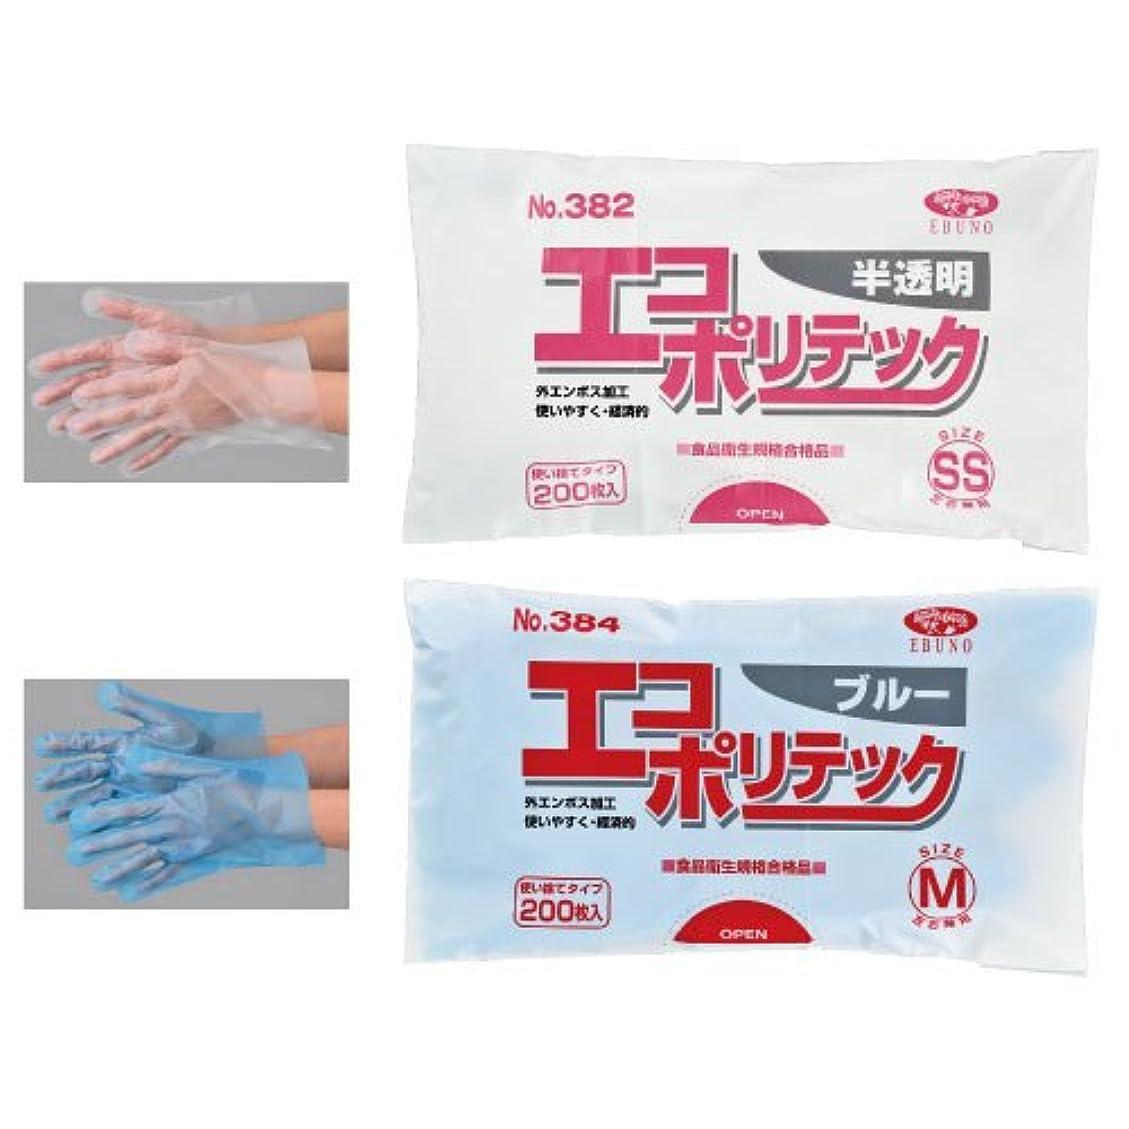 ニンニク間接的化合物エブノ ポリエチレン手袋 No.382 S 半透明 (200枚×30袋) エコポリテック 袋入